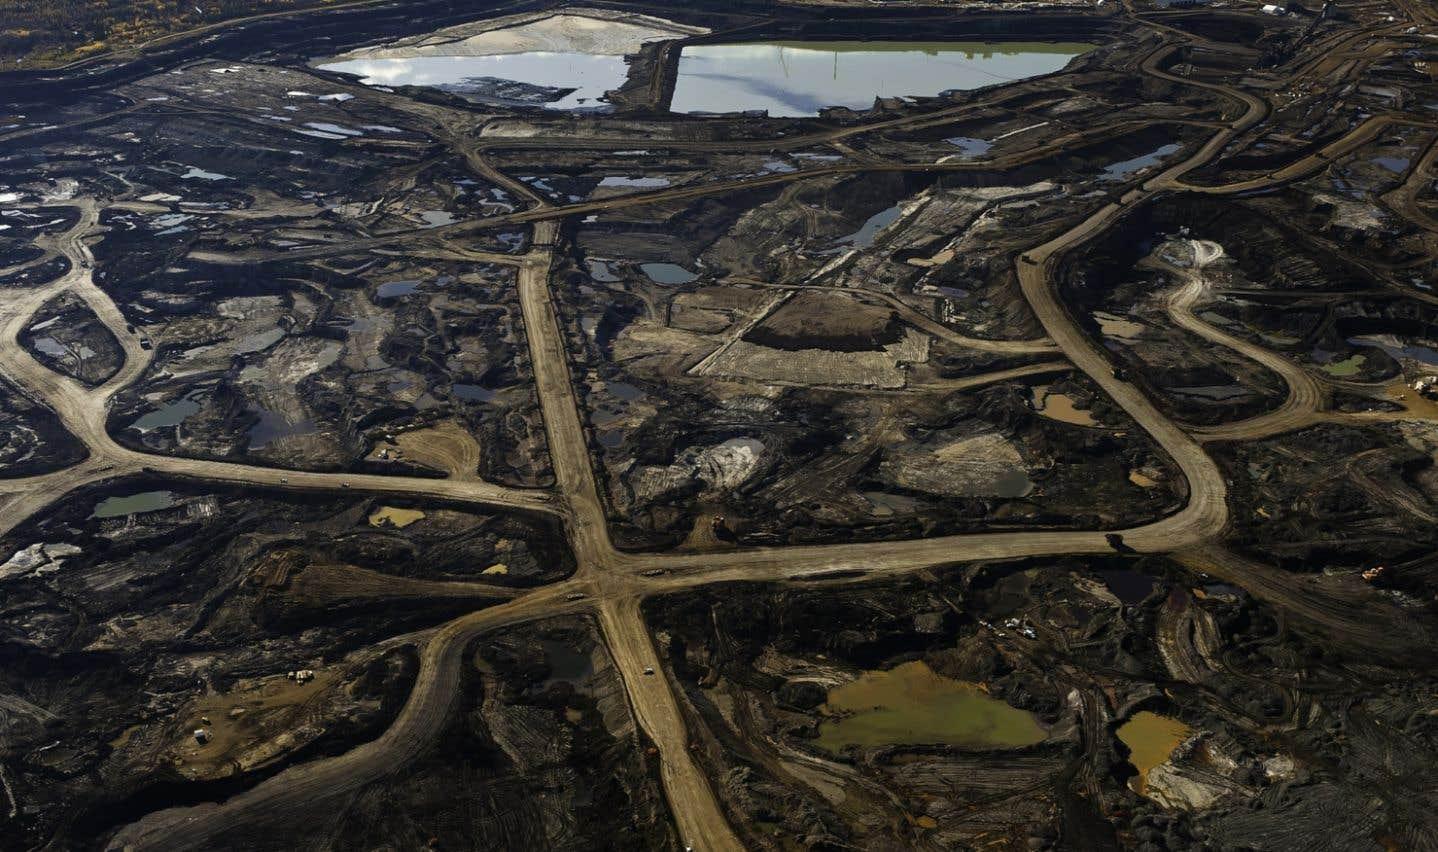 Le rapport «La décennie cruciale», qui note une vague de découvertes et d'exploitation de nouvelles réserves de pétrole, de gaz et de charbon, souligne que «la plupart» des énergies fossiles devraient demeurer enfouies dans le sous-sol.